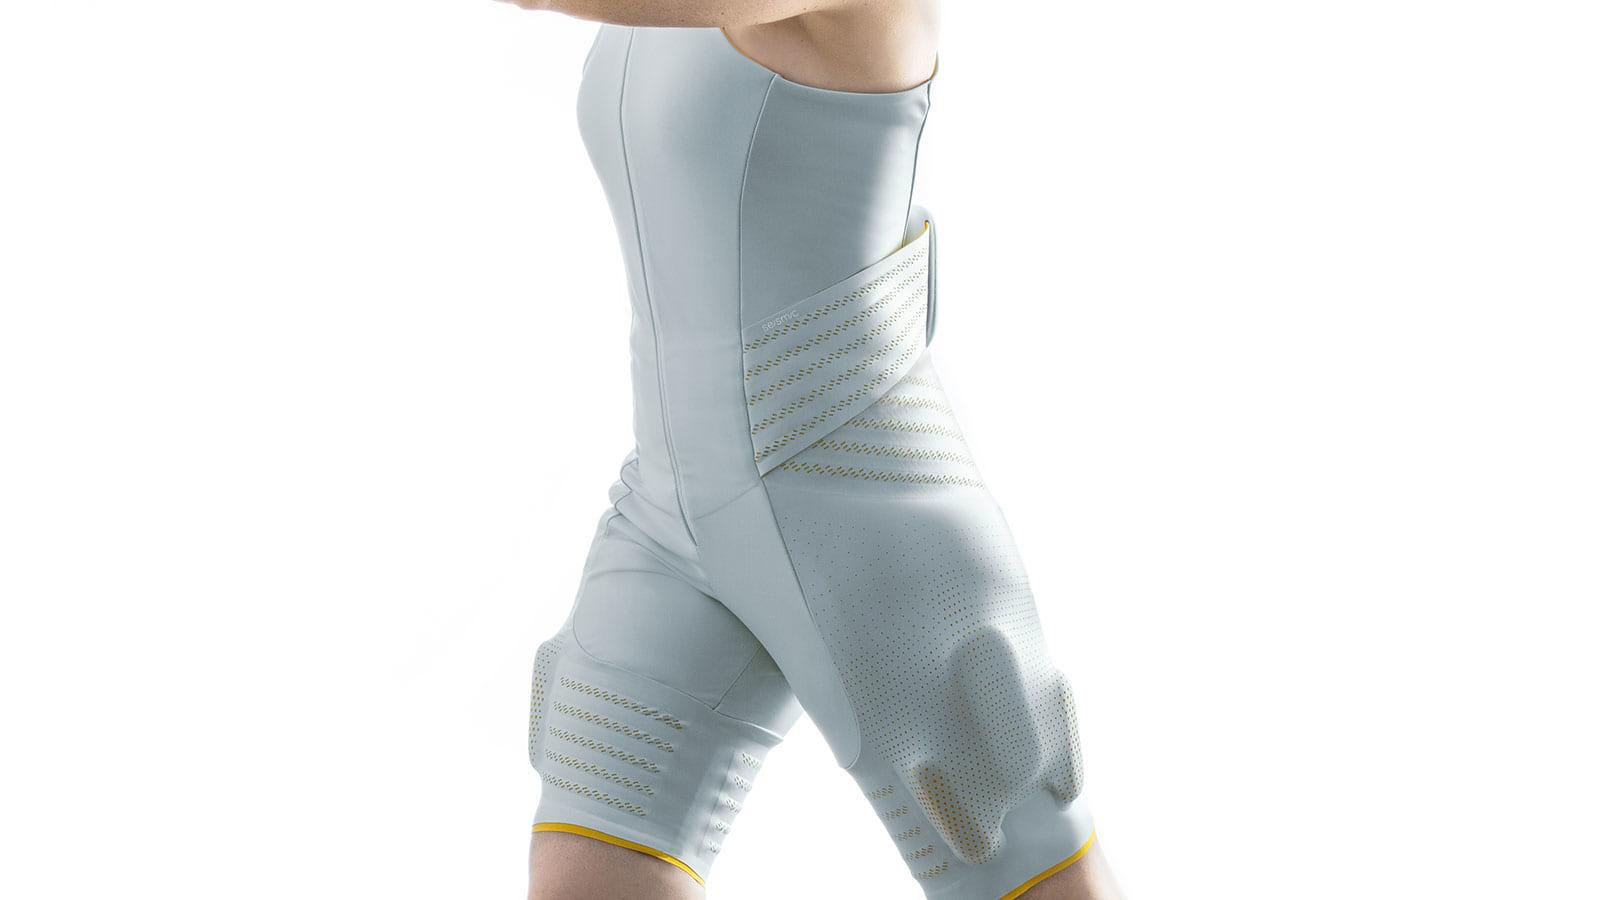 衣類に紛れ込む人工筋肉。パワーアシストクロージングのSeismic